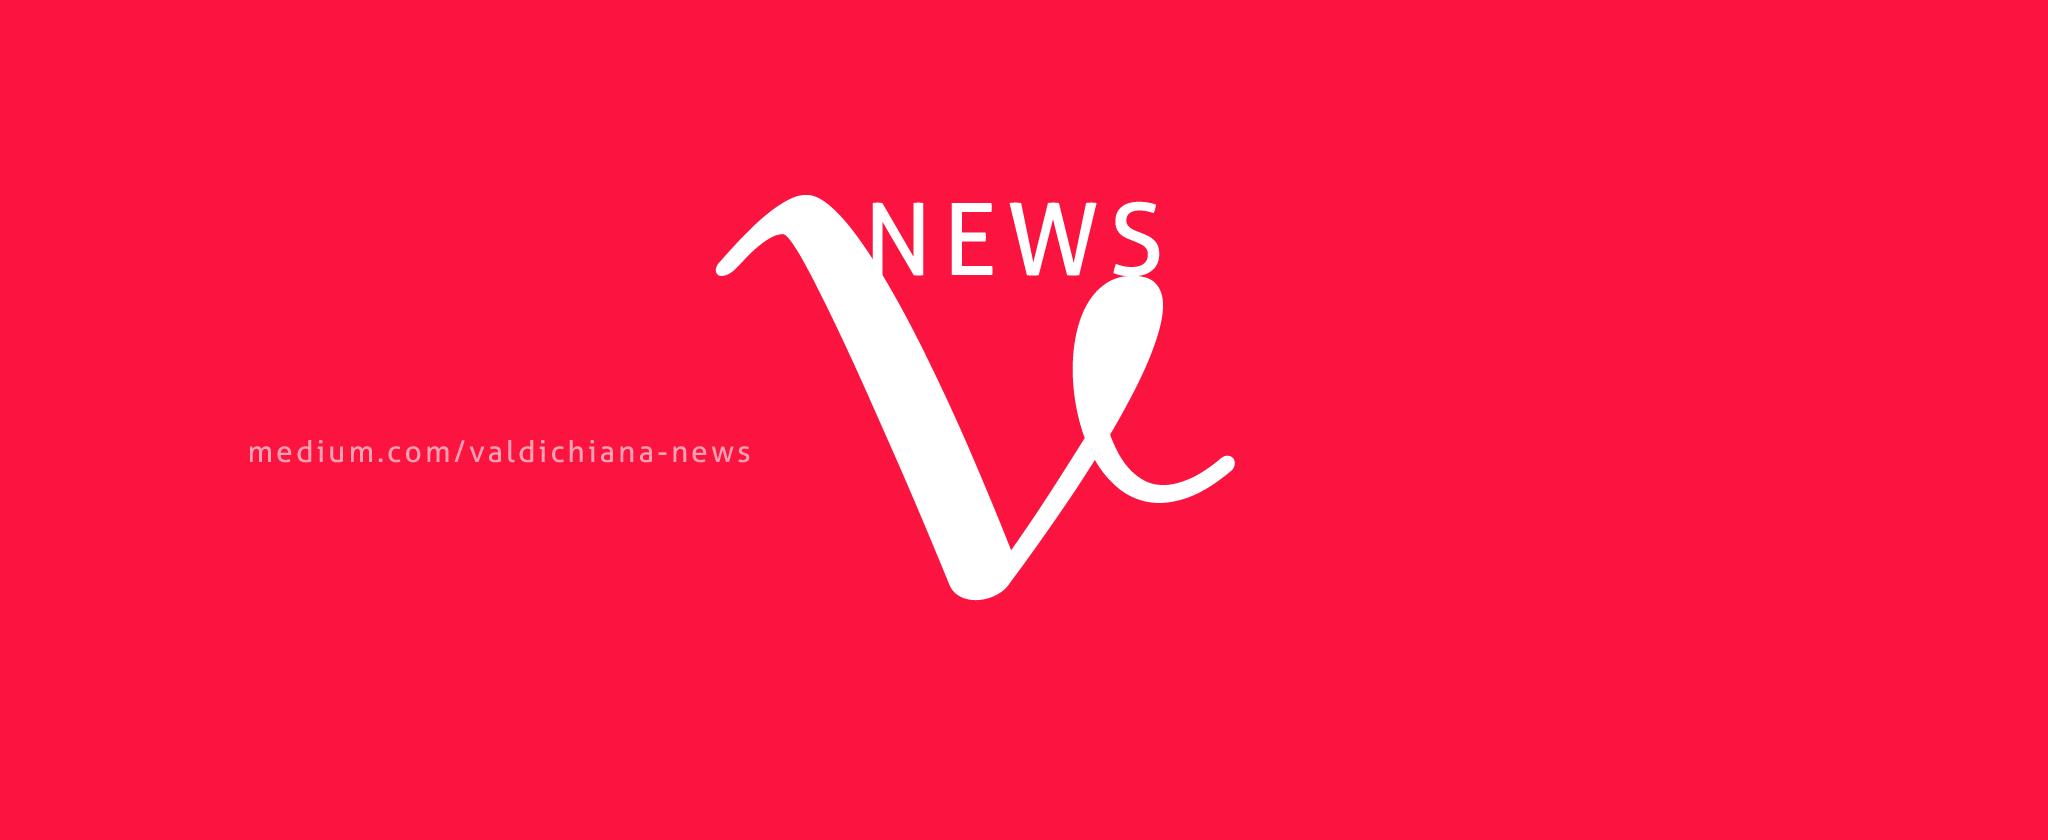 Valdichiana News, il nuovo servizio di informazione locale